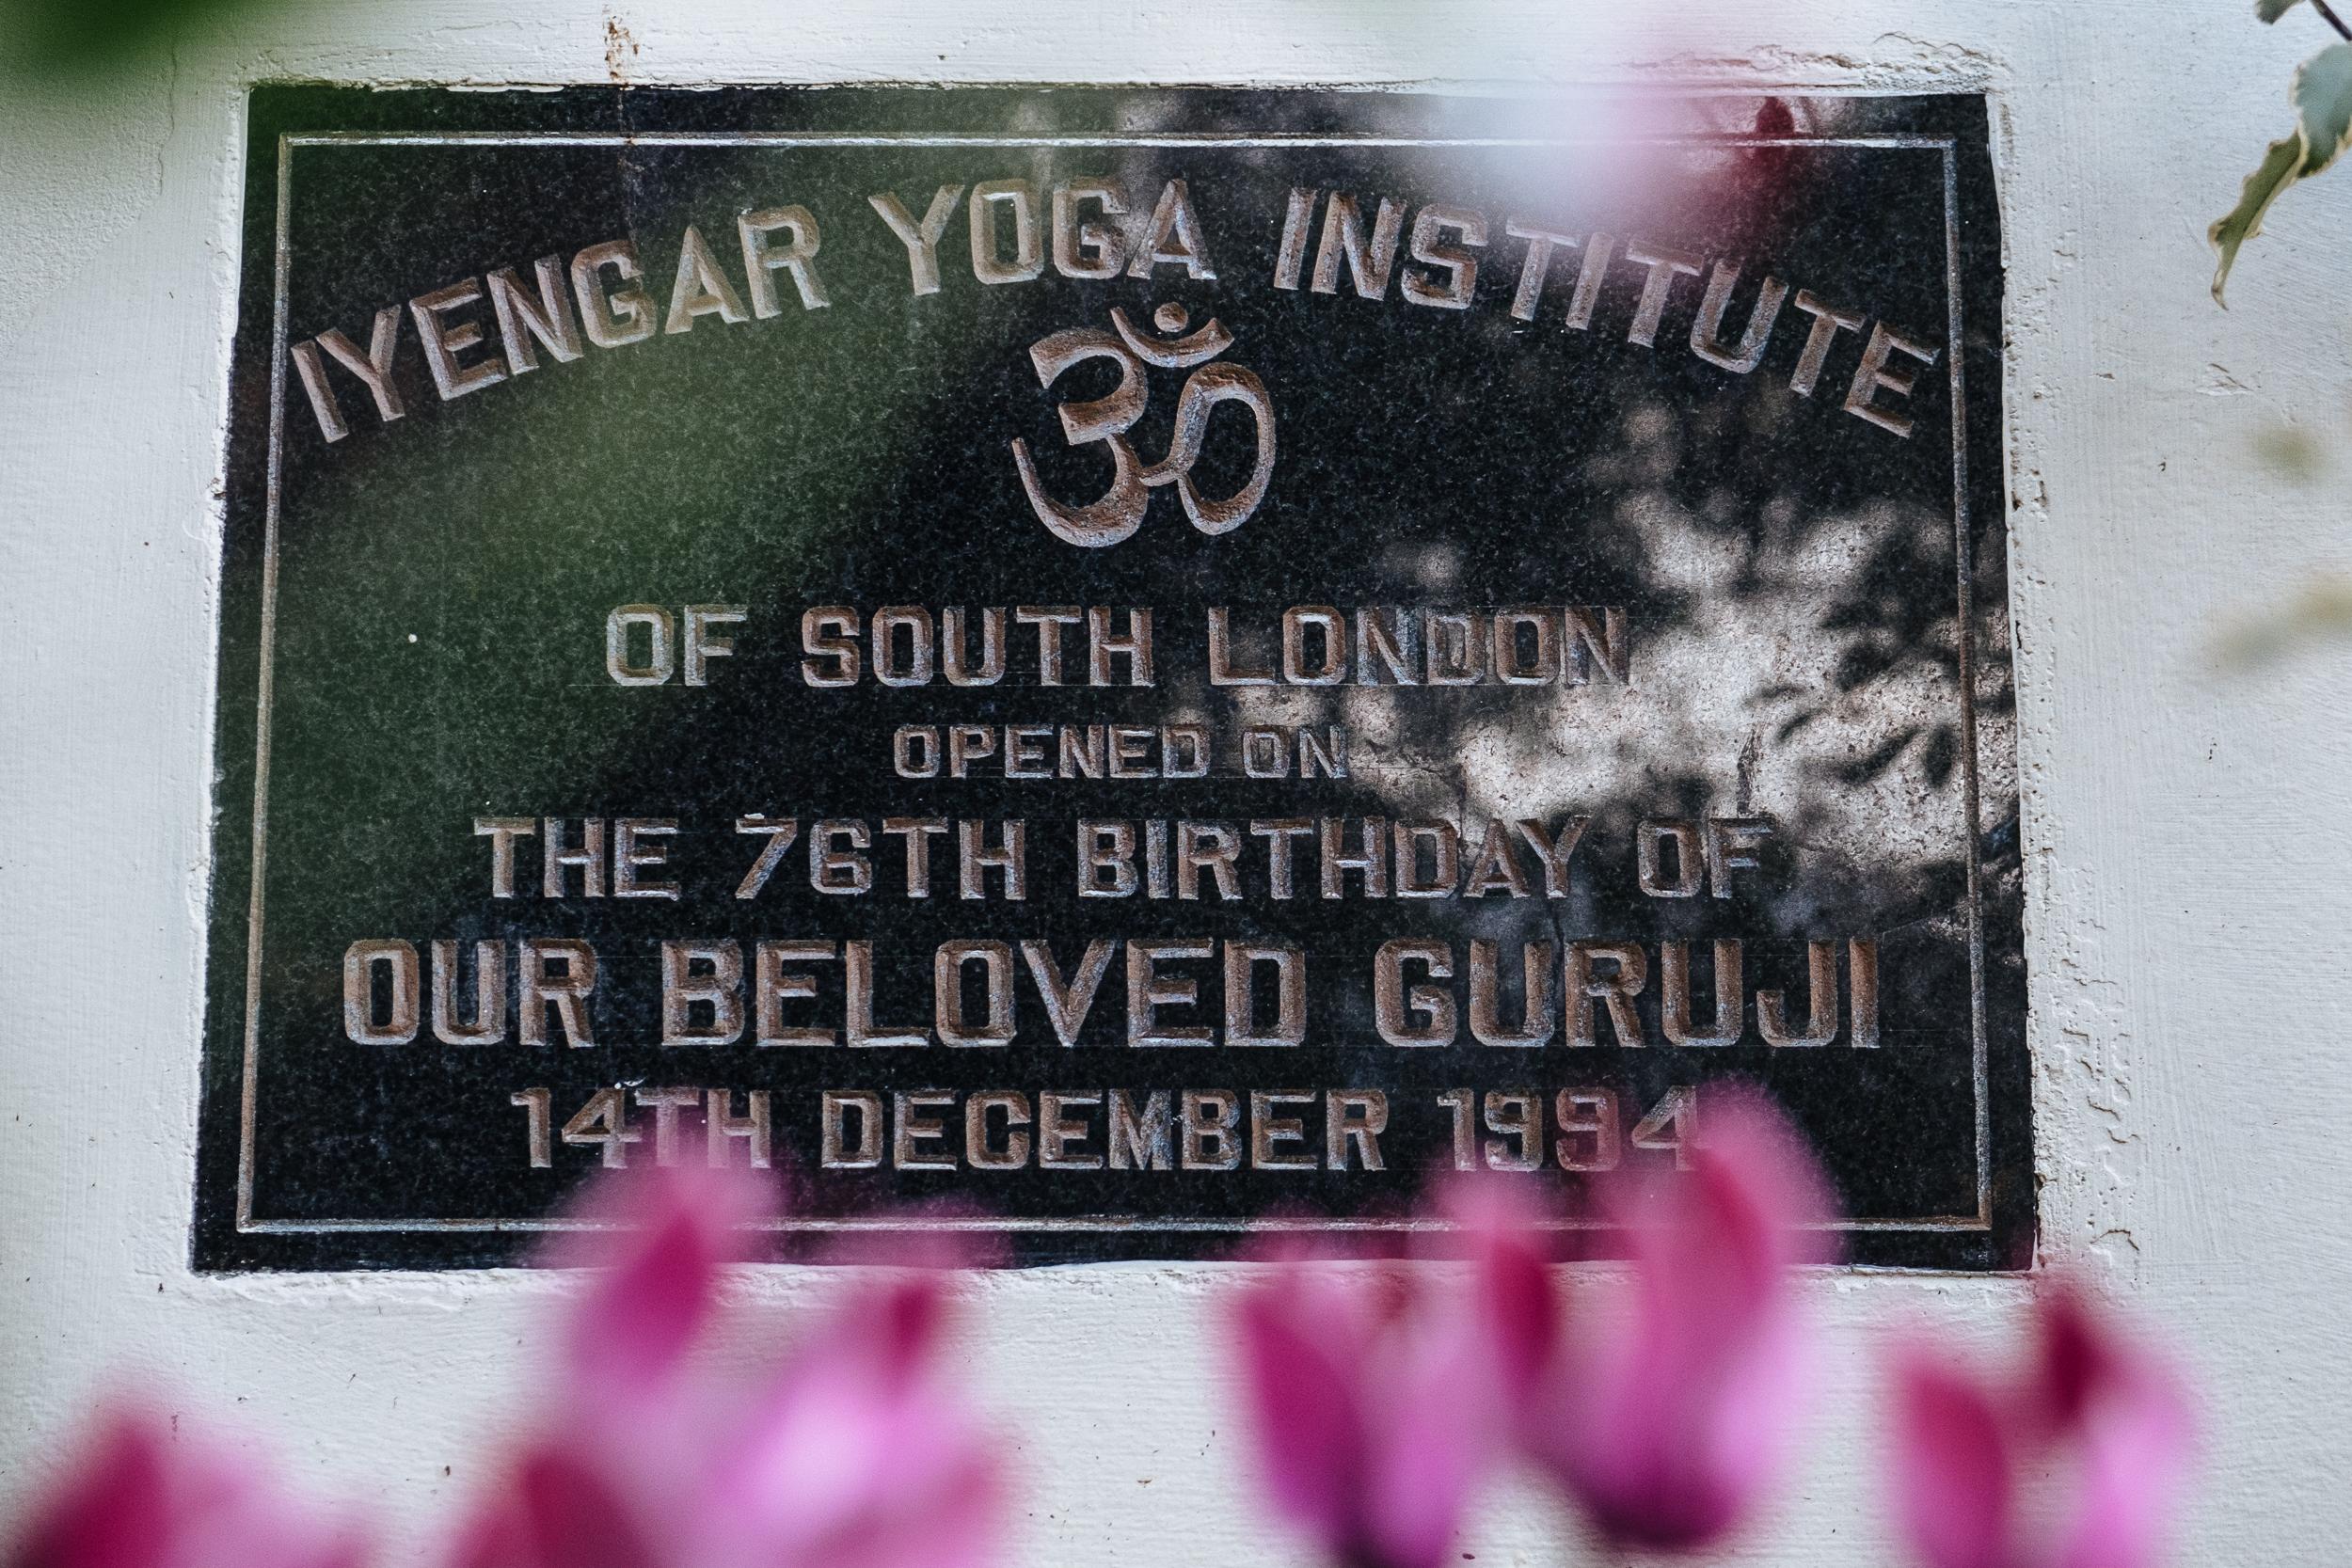 Plaque marking Guruji's visit